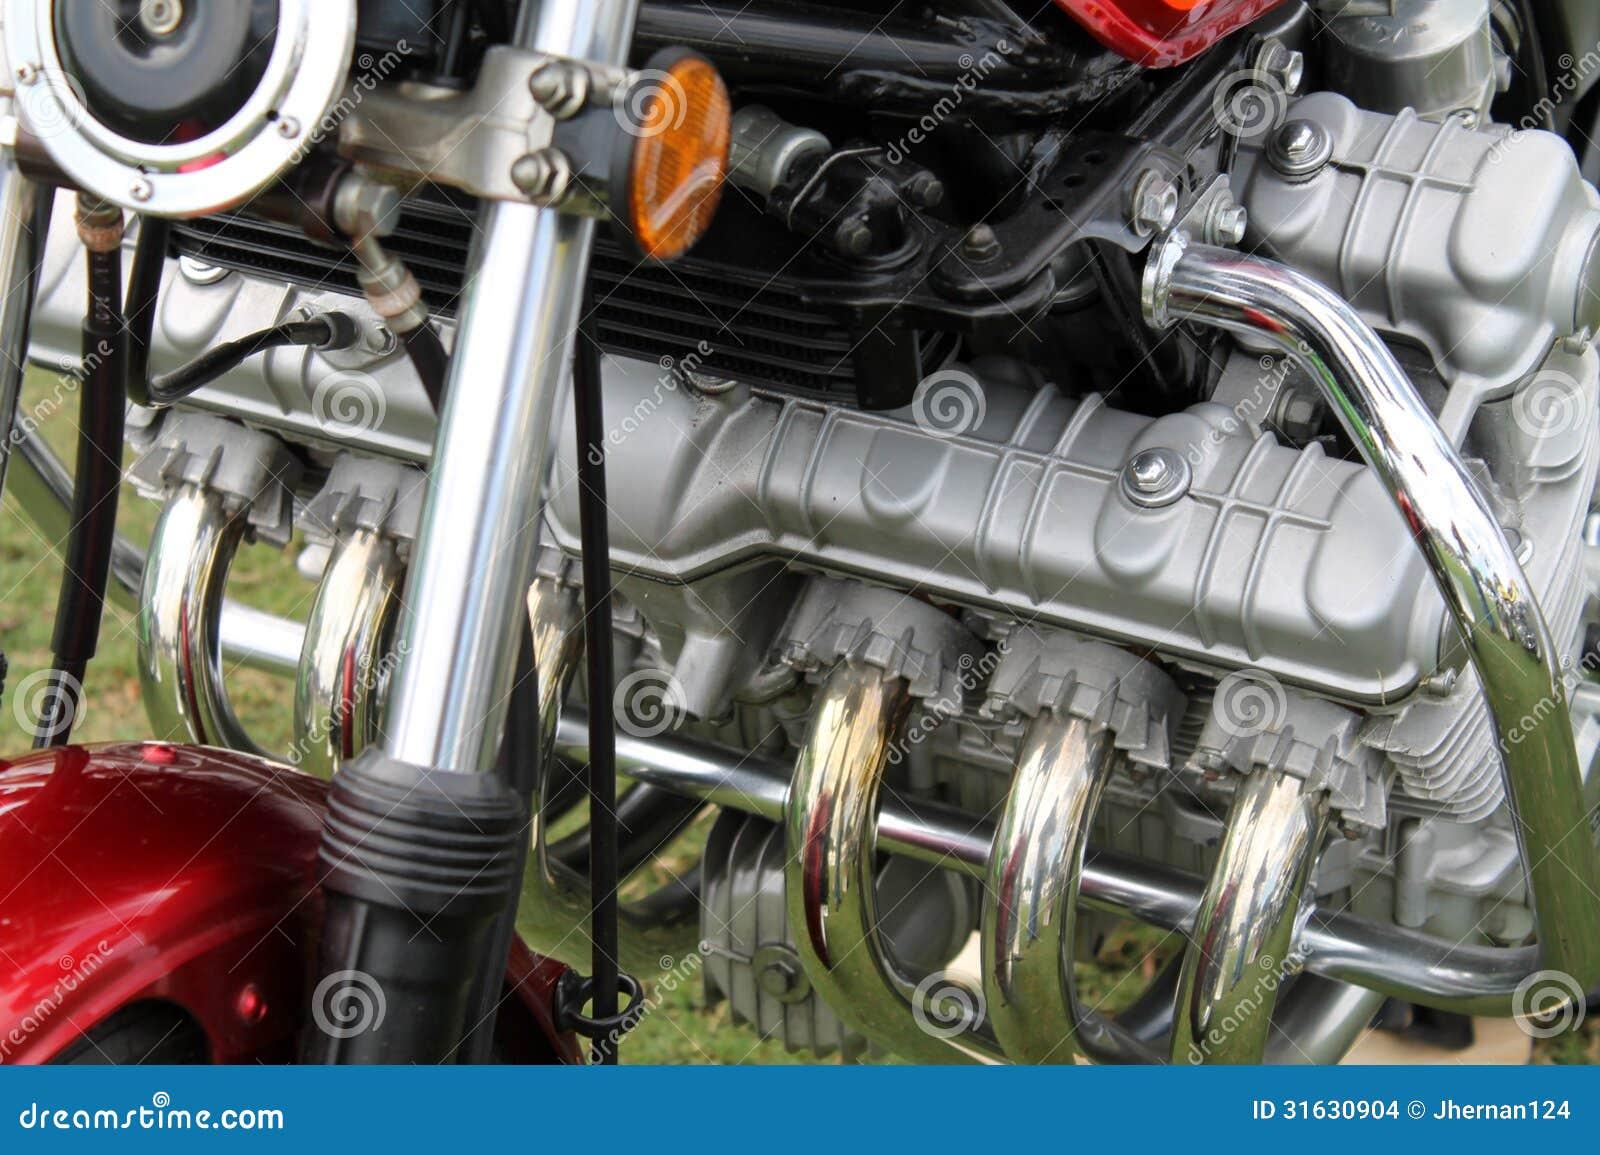 Классический японский двигатель мотоцикла